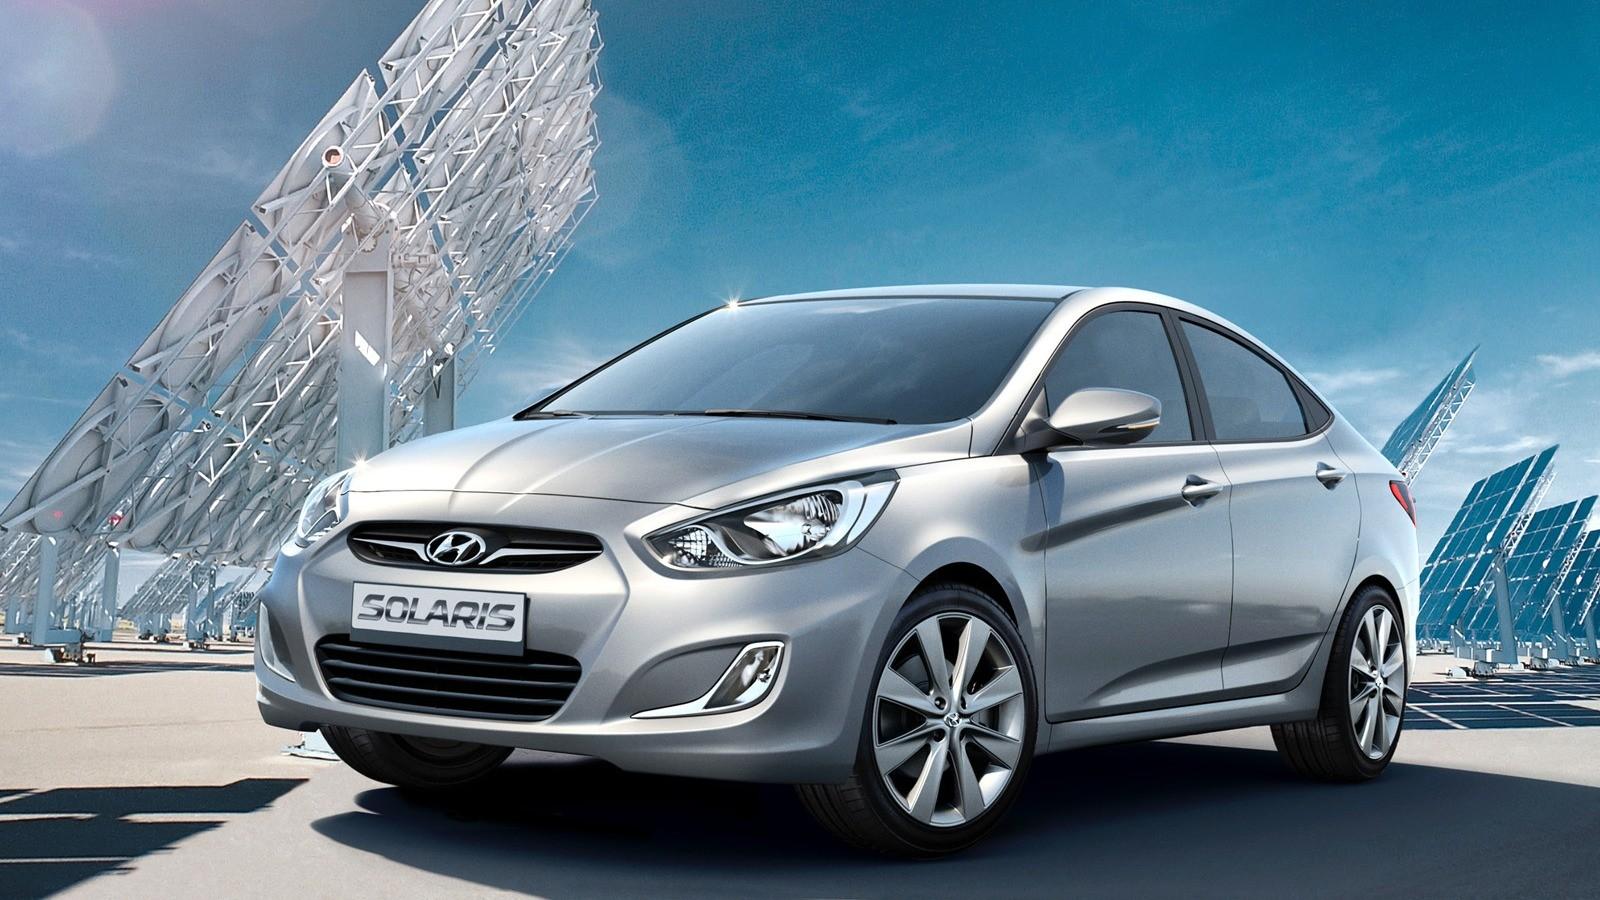 Hyundai Solaris '12.2010–14 три четверти